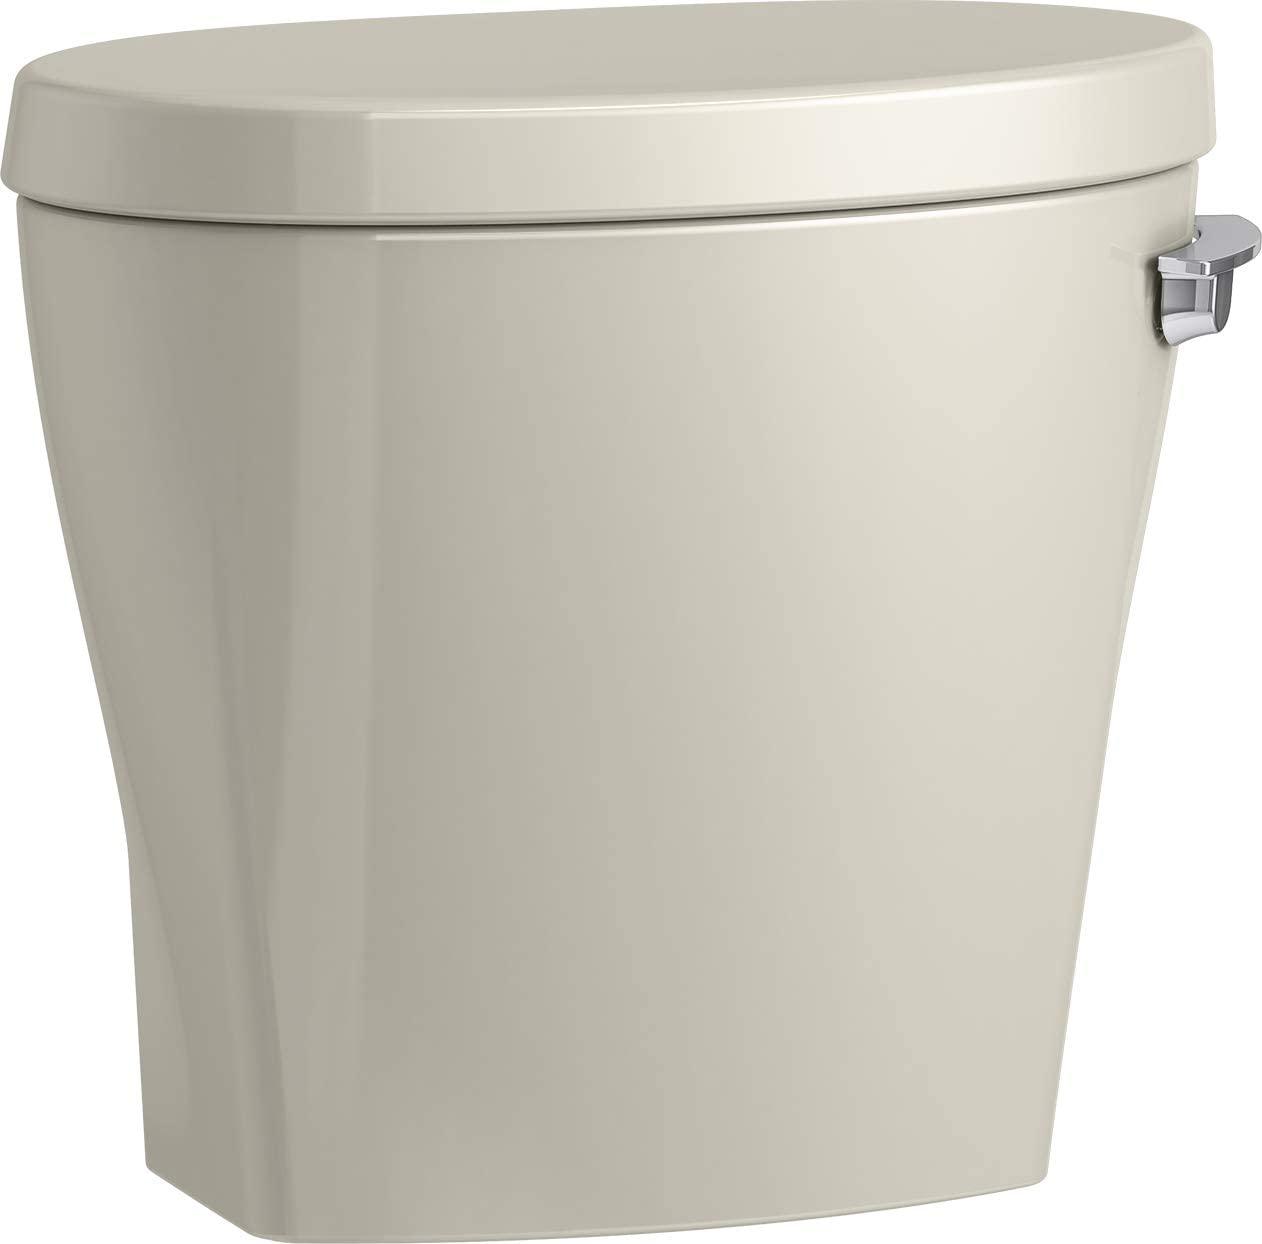 Kohler K-20197-G9 Betello Toilet, Sandbar